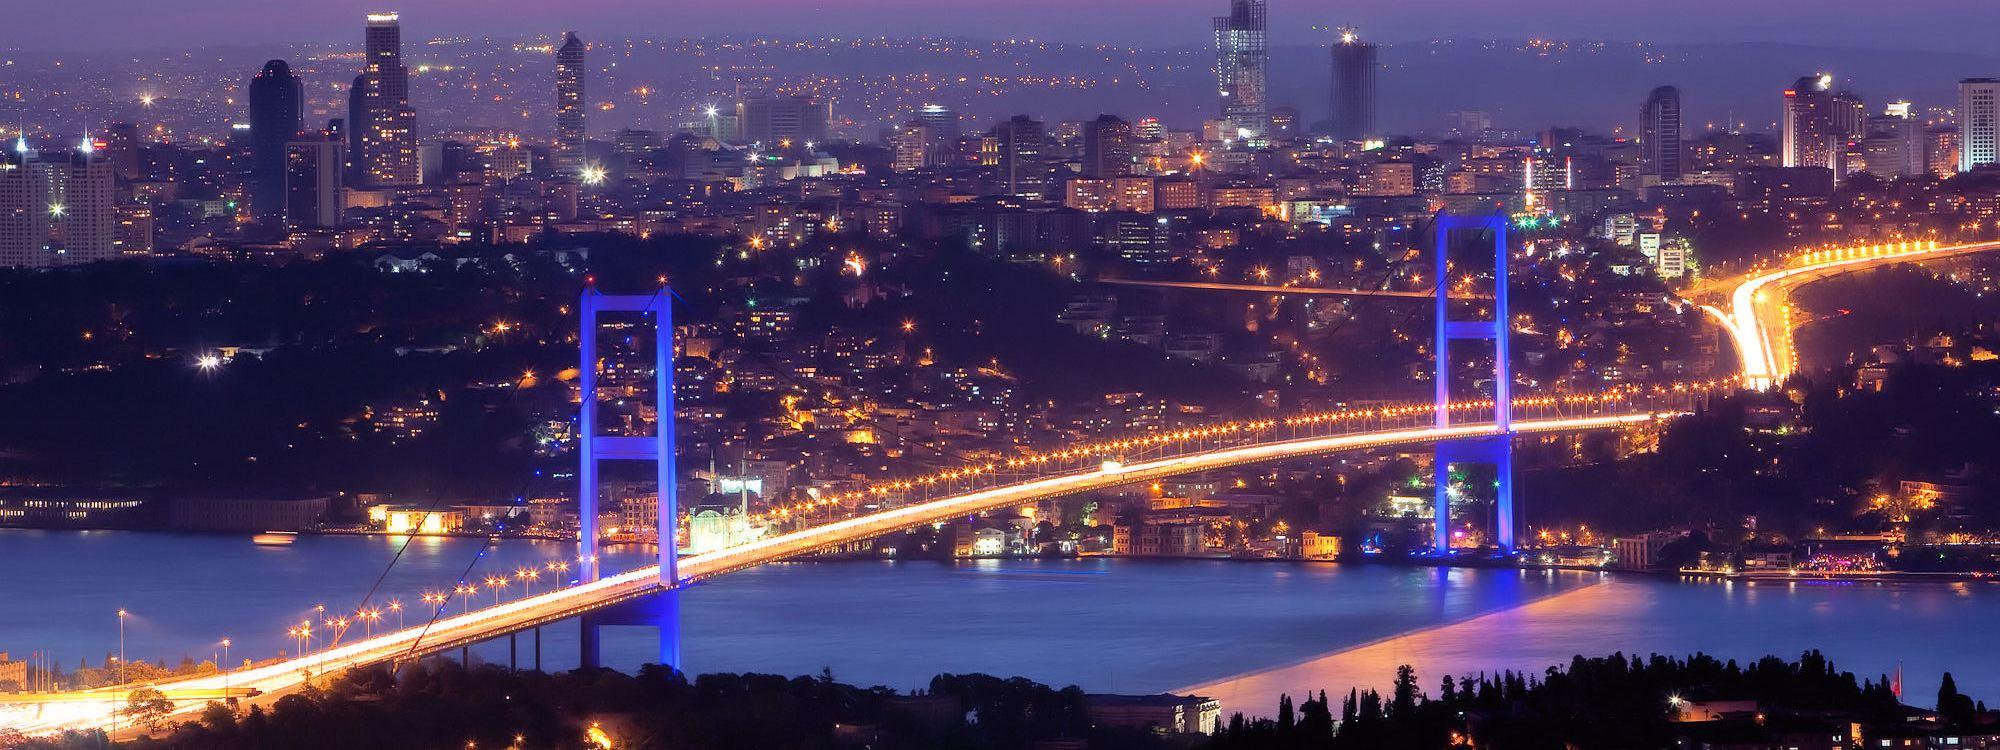 مركز إسلامبول الطبي